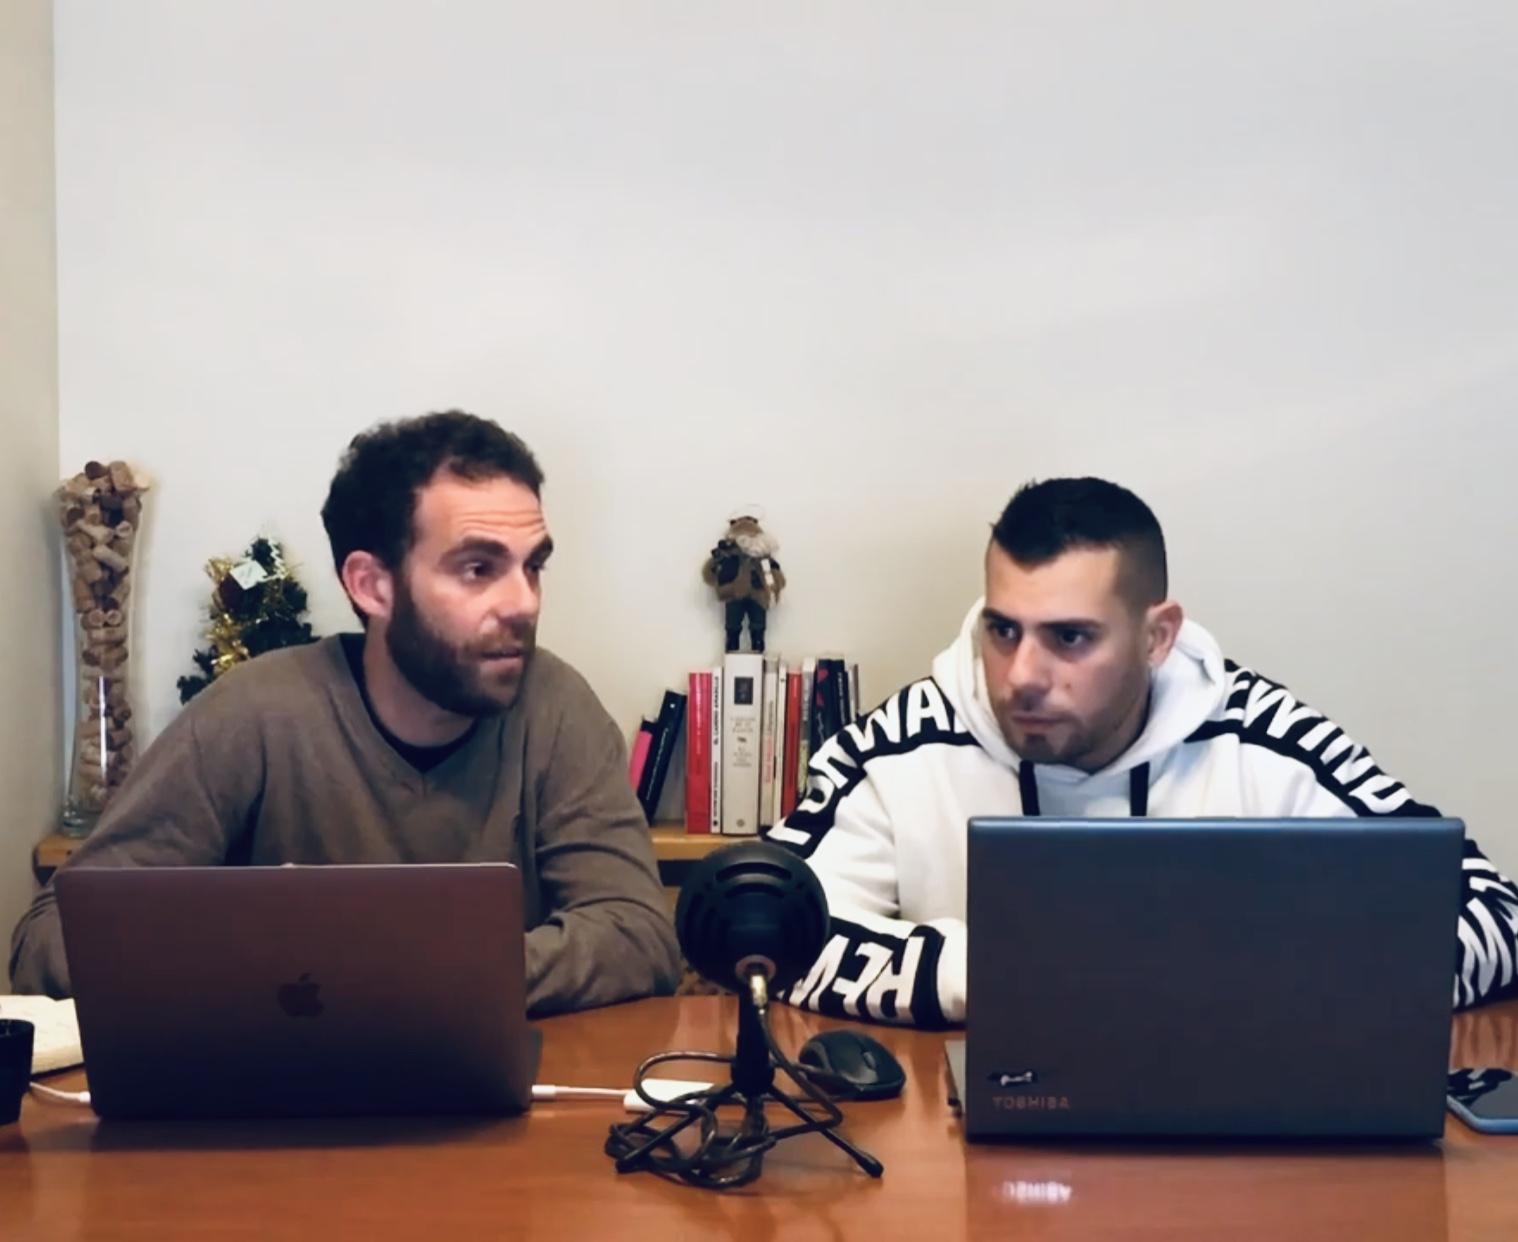 El nuevo Podcast: Pensando Cómo